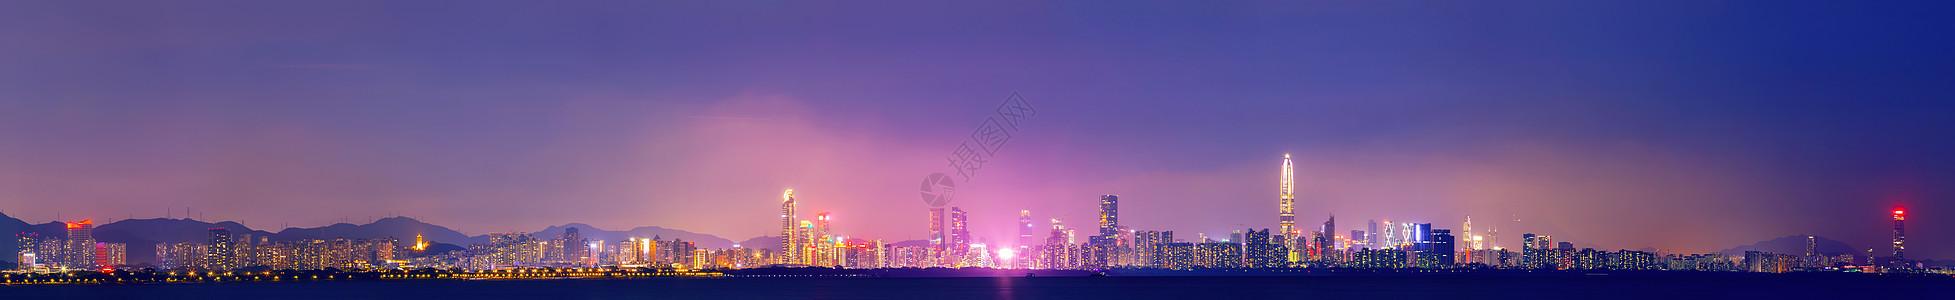 城市地平线夜景图片